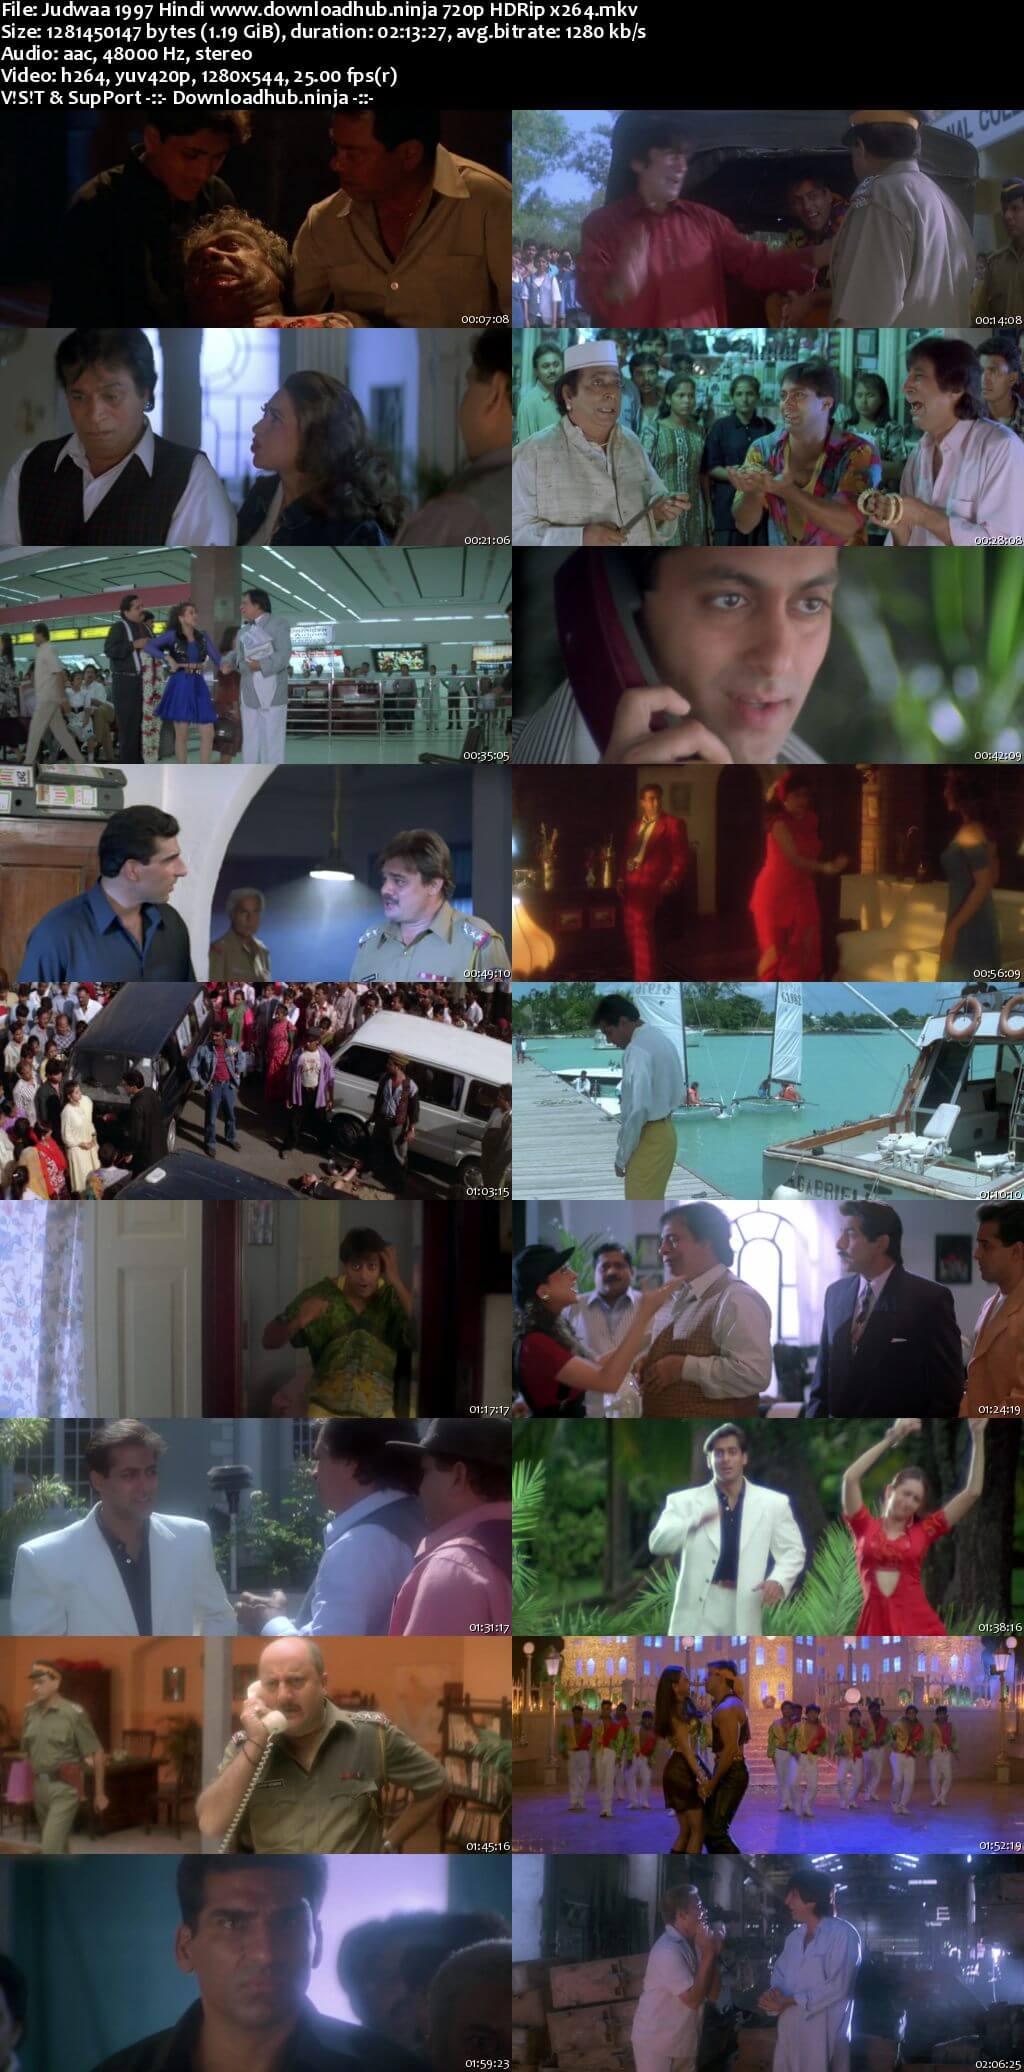 Judwaa 1997 Hindi 720p HDRip x264